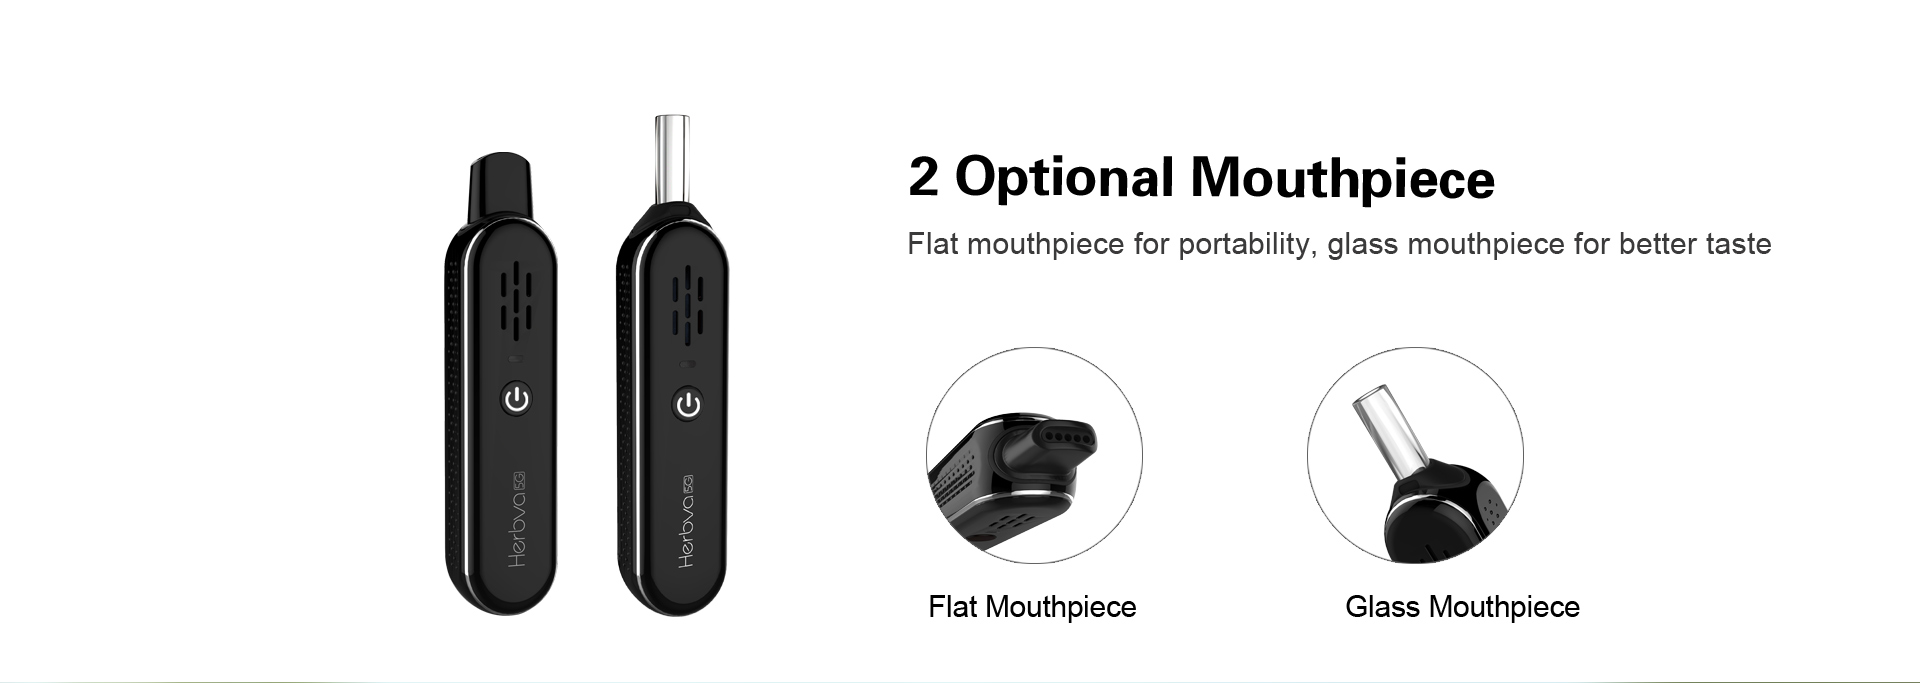 Airistech Herbva 5G Vaporizer Mouthpiece